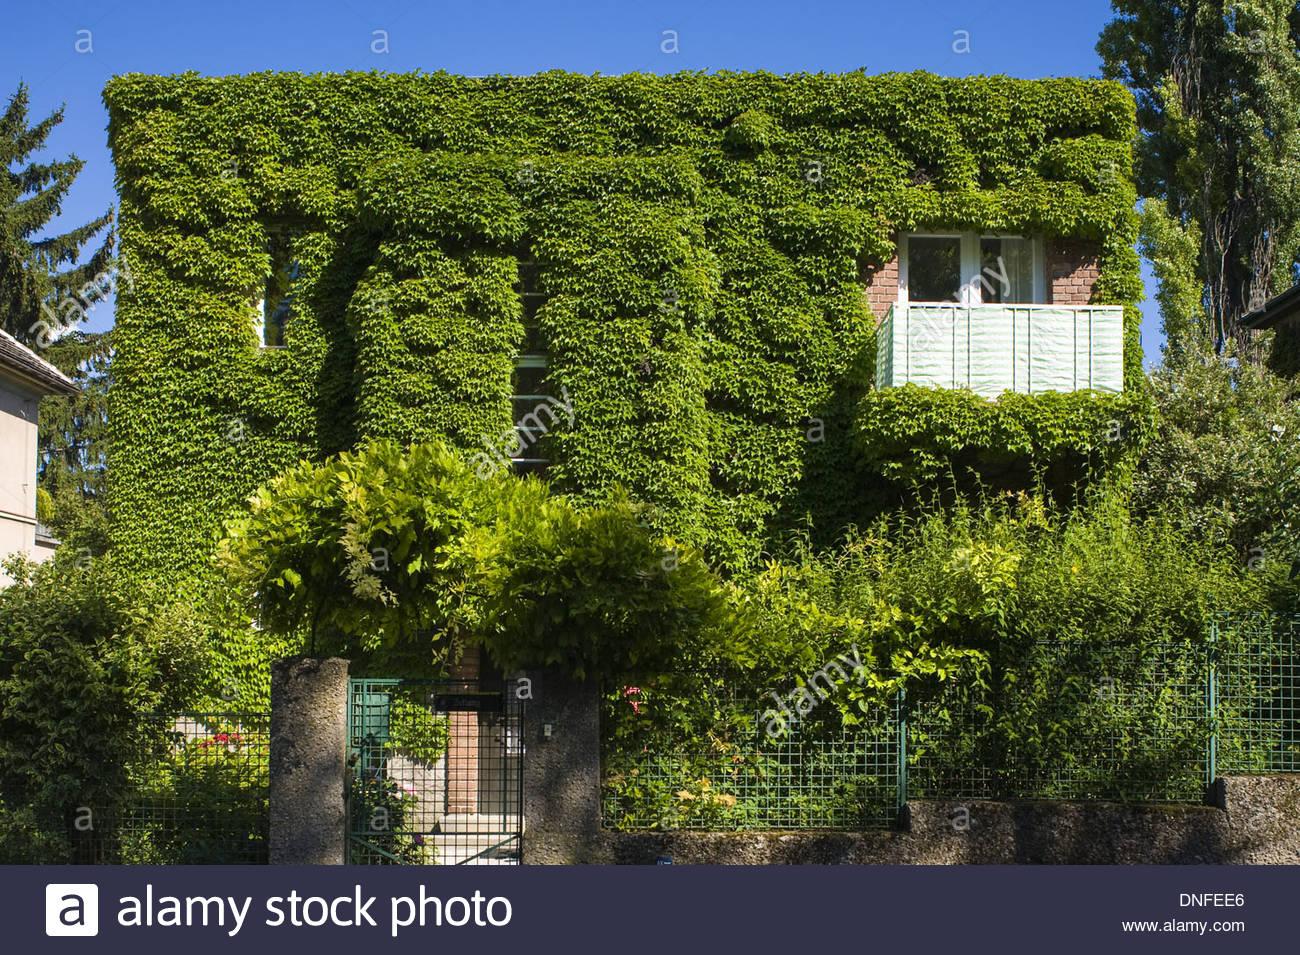 Wien architektur fassadenbegr nung wien architektur gr ne fassade stockfoto bild 64879534 - Grune architektur ...